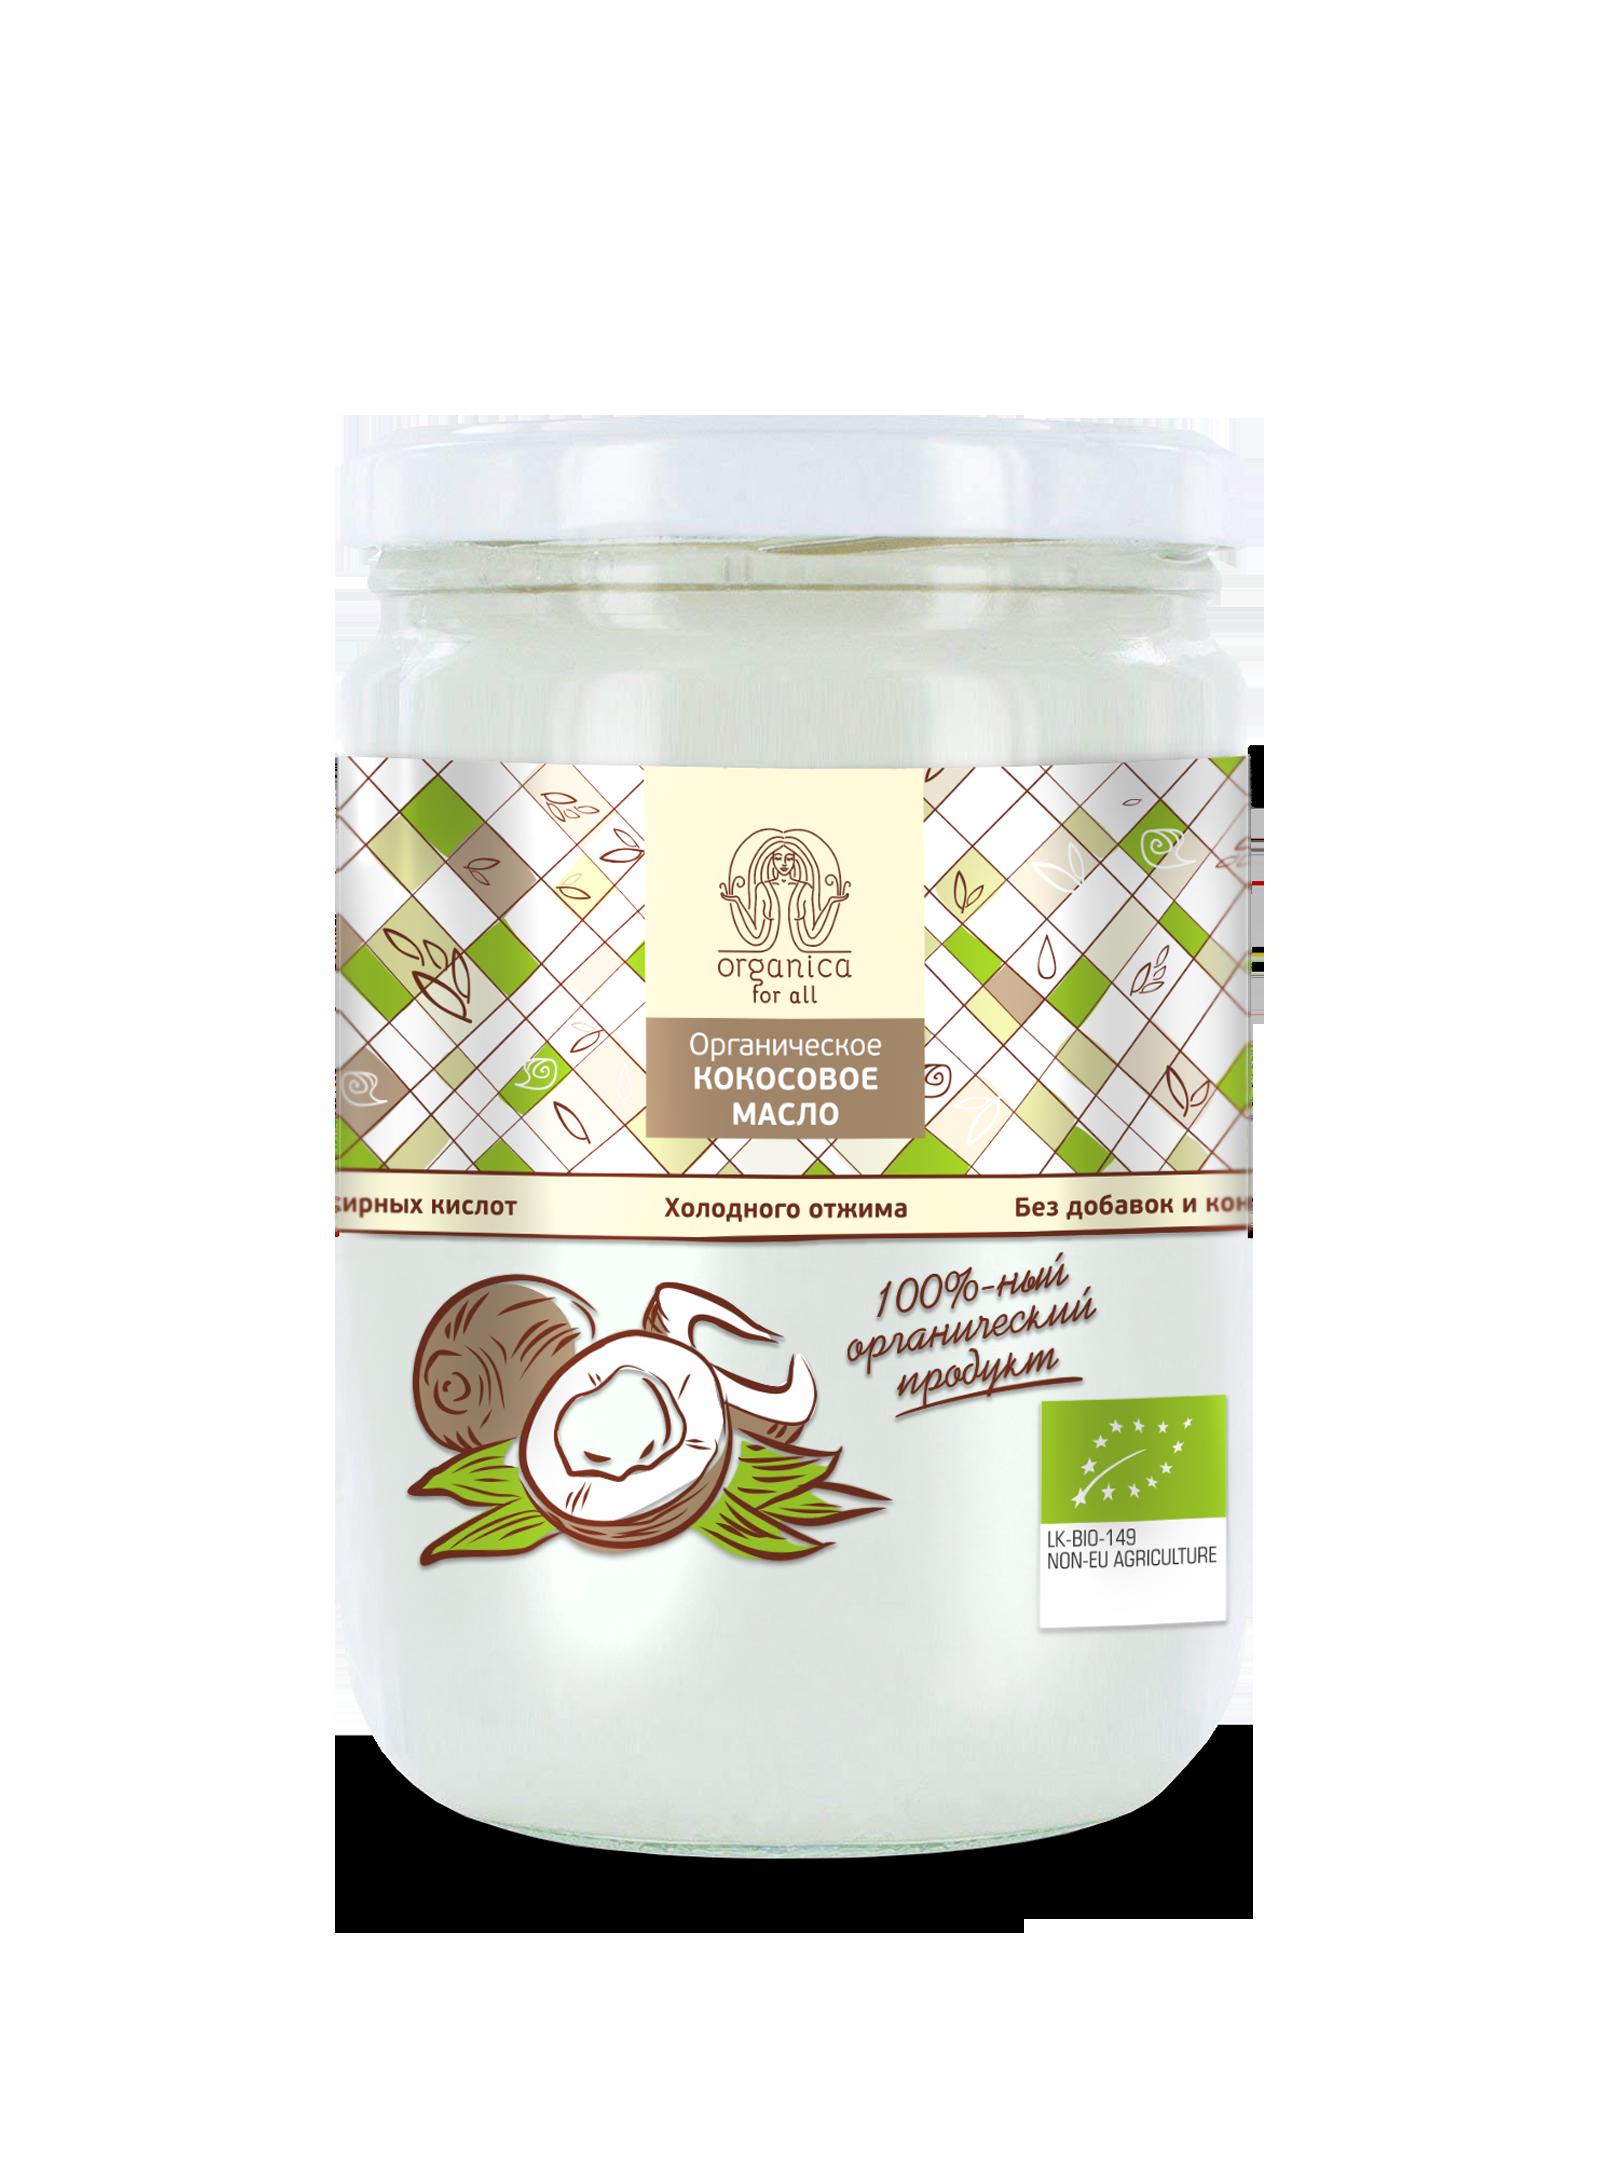 Кокосовое масло органическое Organica for all холодного отжима нерафинированное эко 500 мл